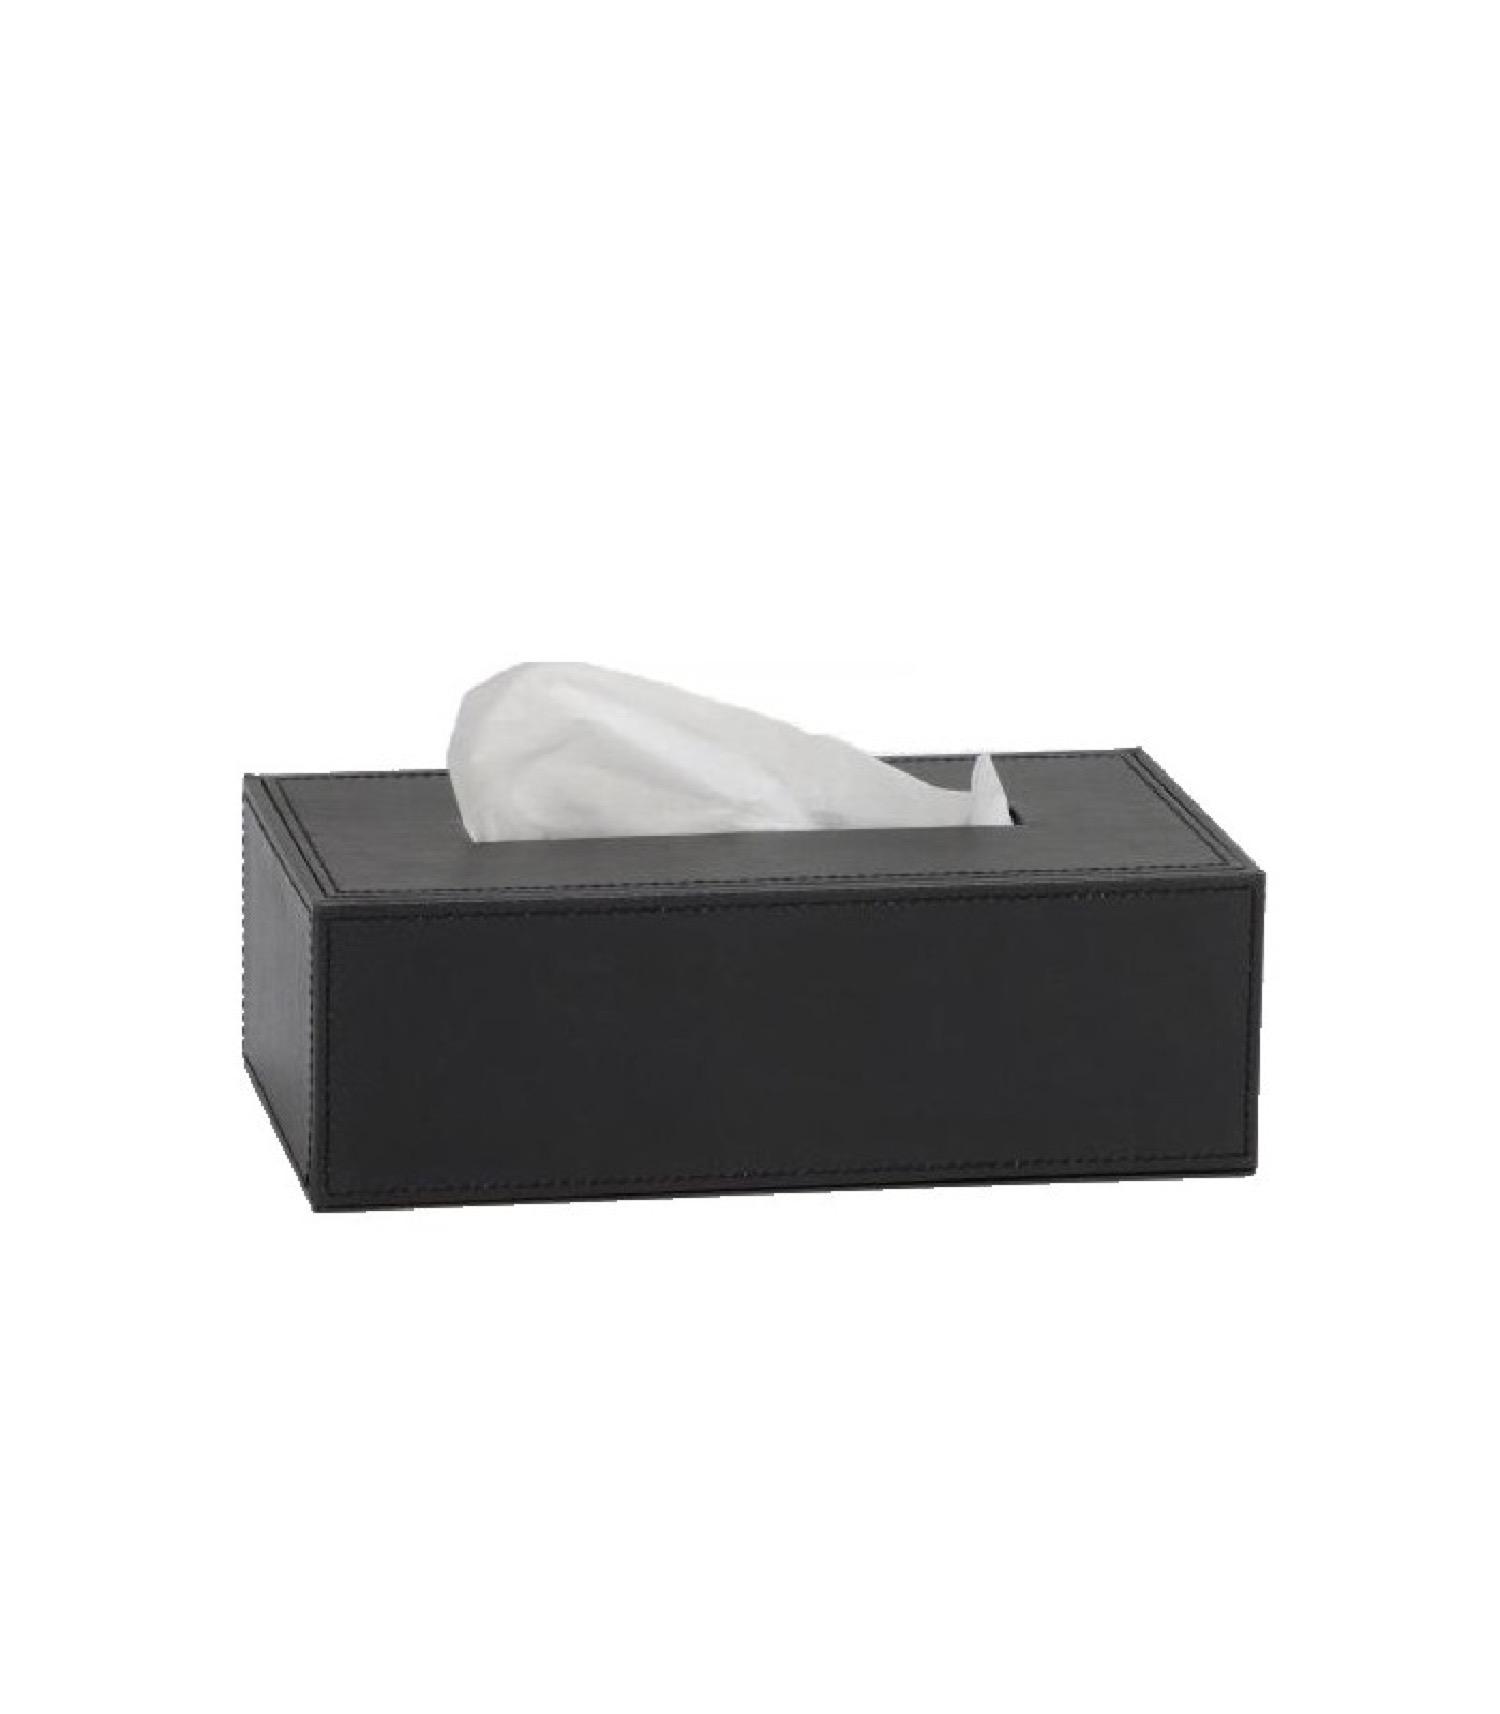 Boîte à mouchoirs similicuir noir 26x14cm (photo)